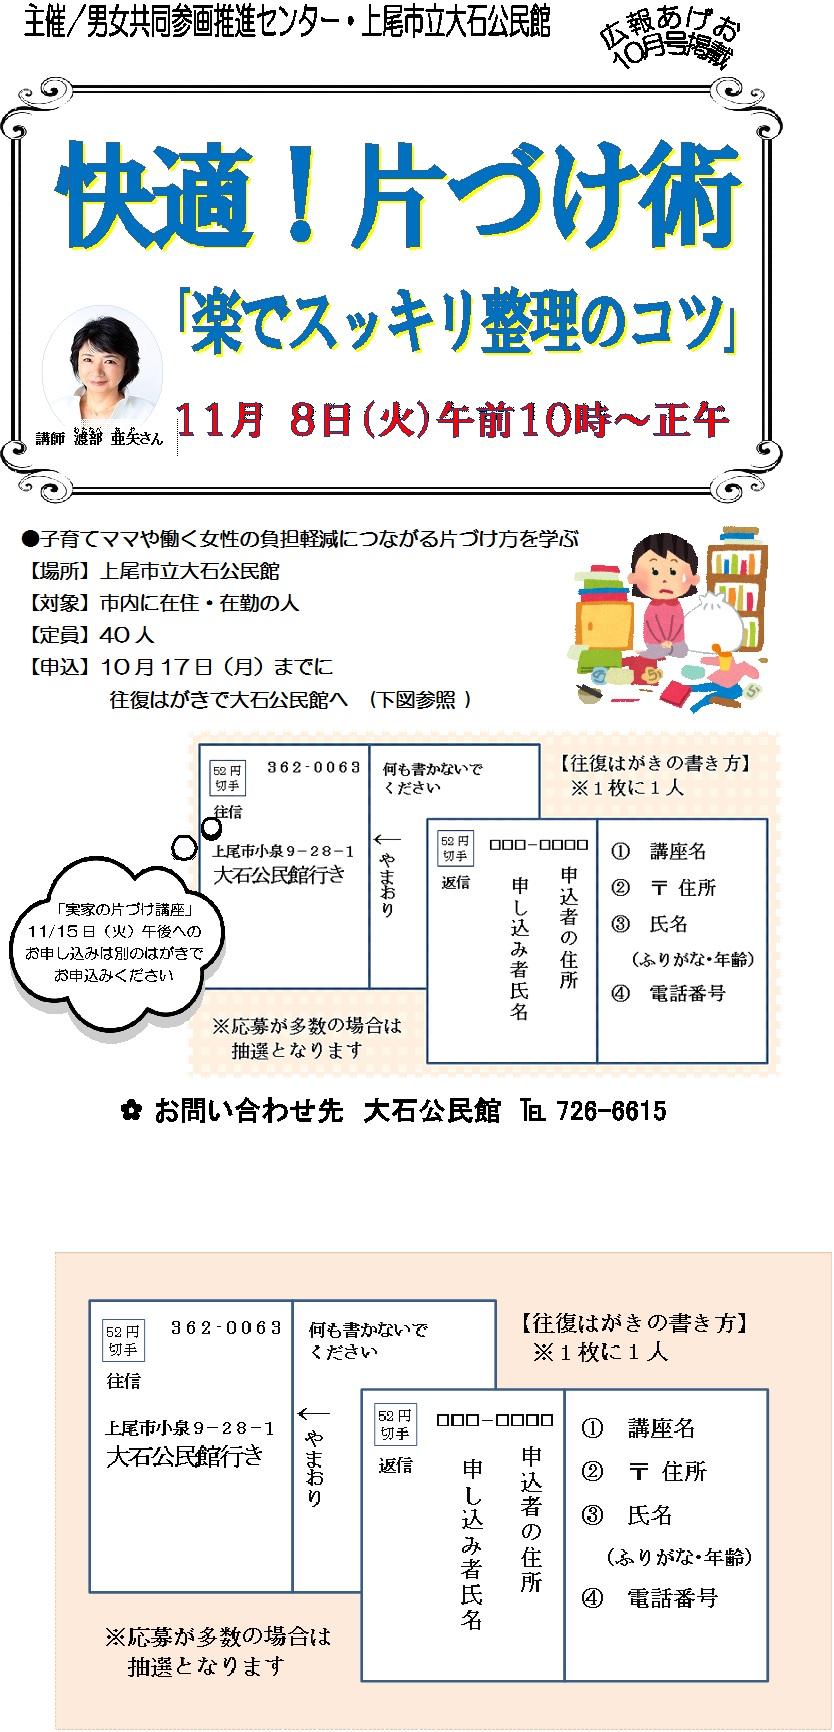 【埼玉・上尾】11/8(火)快適! 片づけ術 「楽でスッキリ整理のコツ」